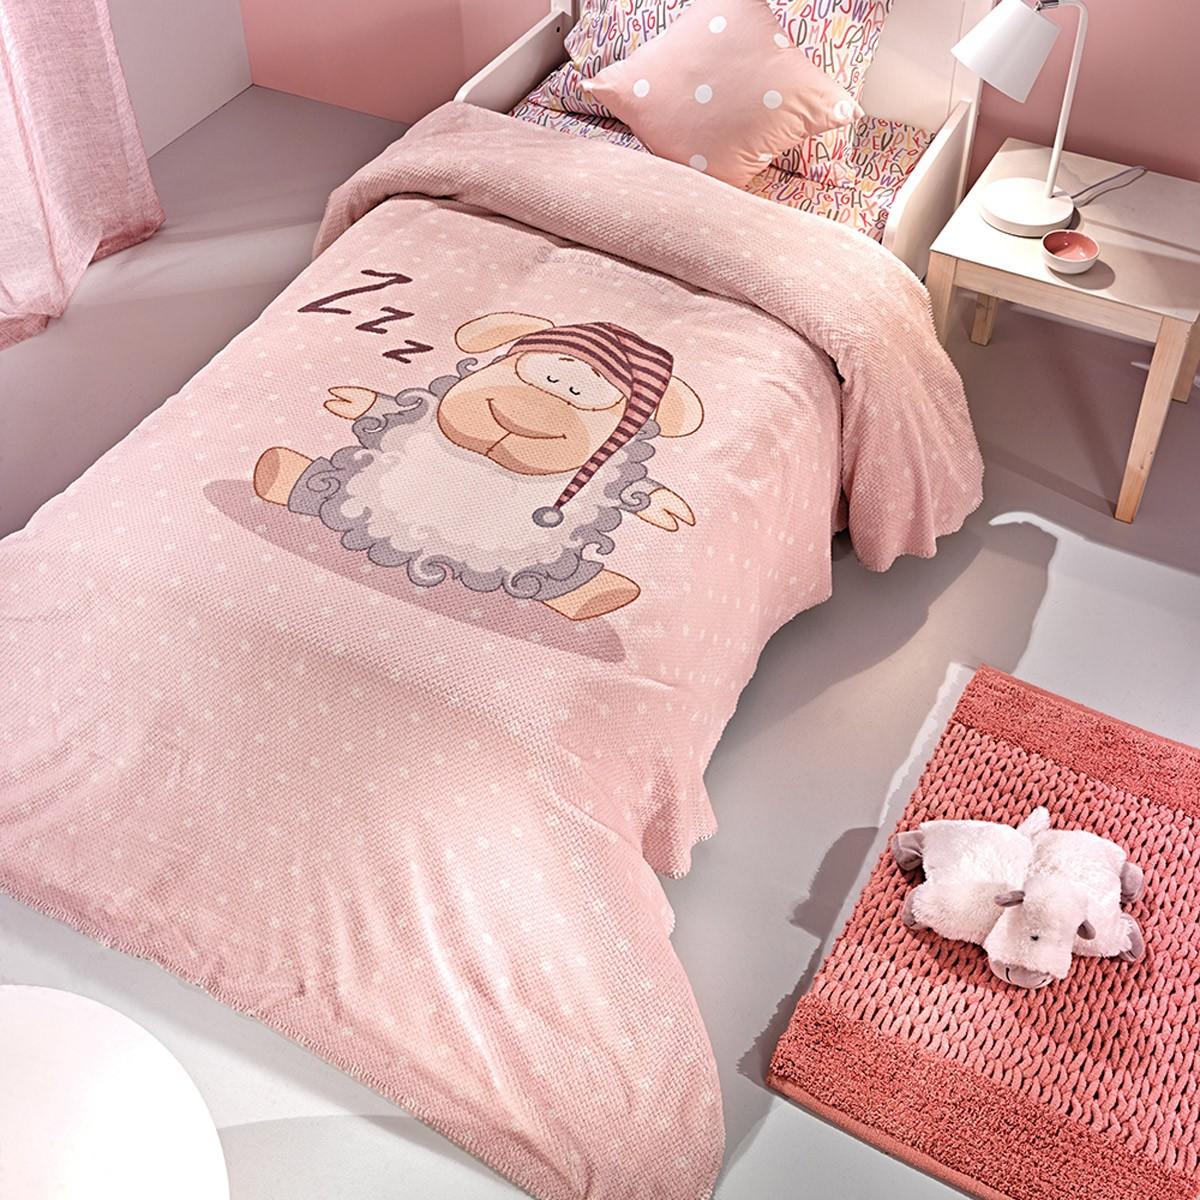 Κουβέρτα Fleece Μονή Saint Clair Ultra Soft Shaggy Pink